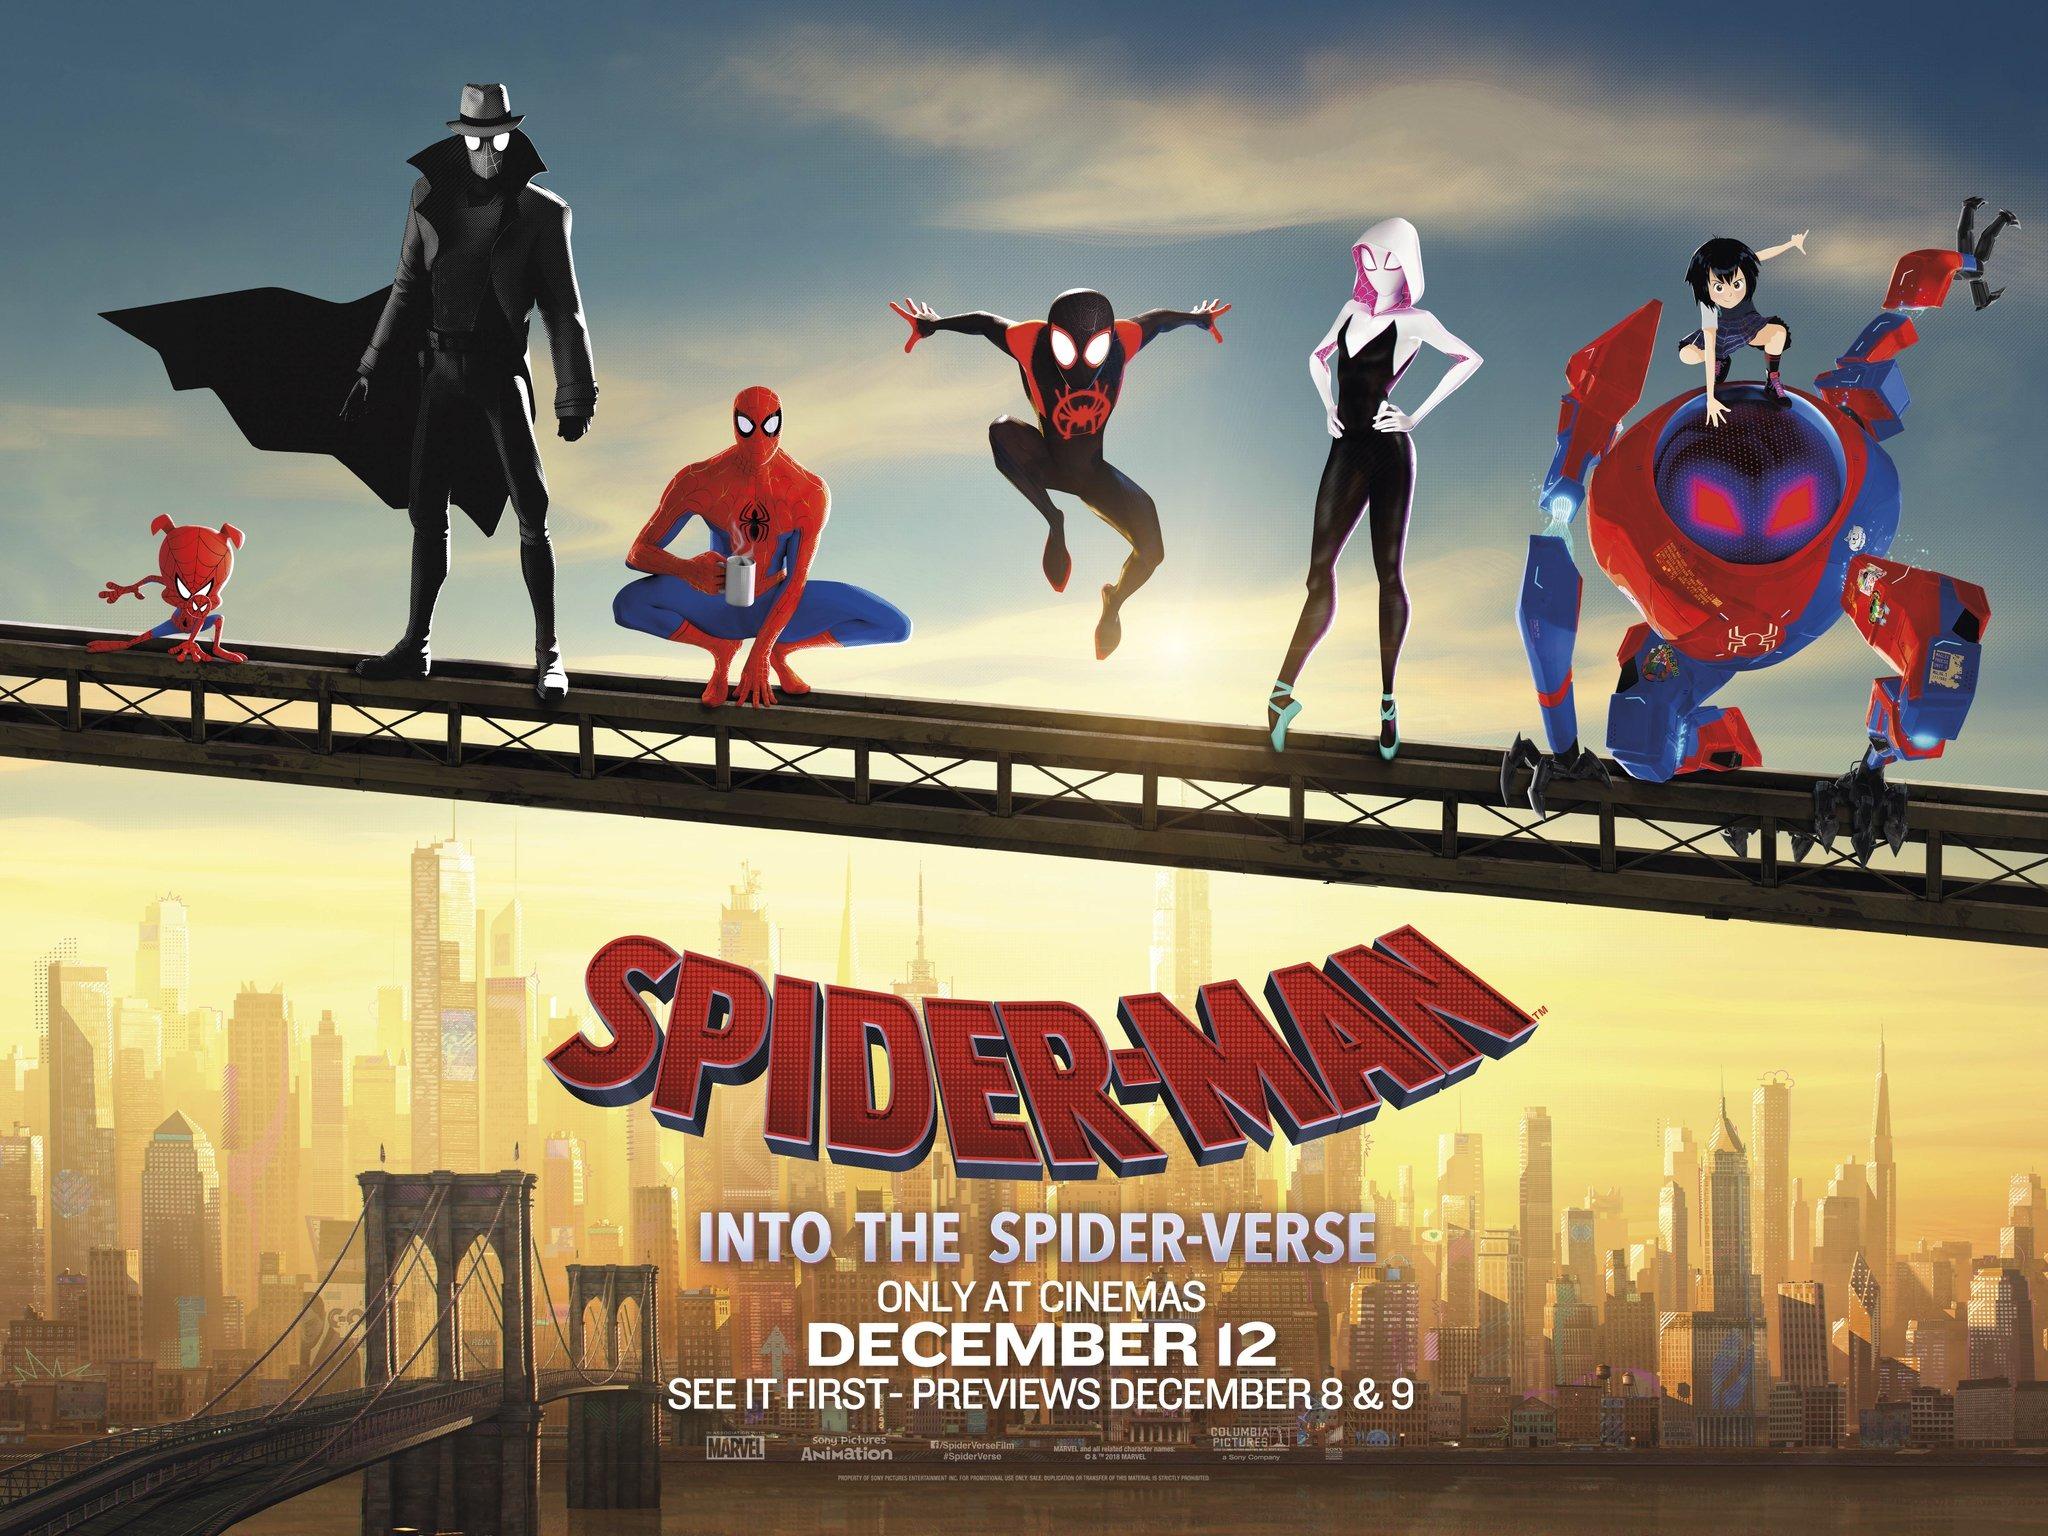 Spider Man Into The Spider Verse 2018 Poster 2 By Williansantos26 On Deviantart